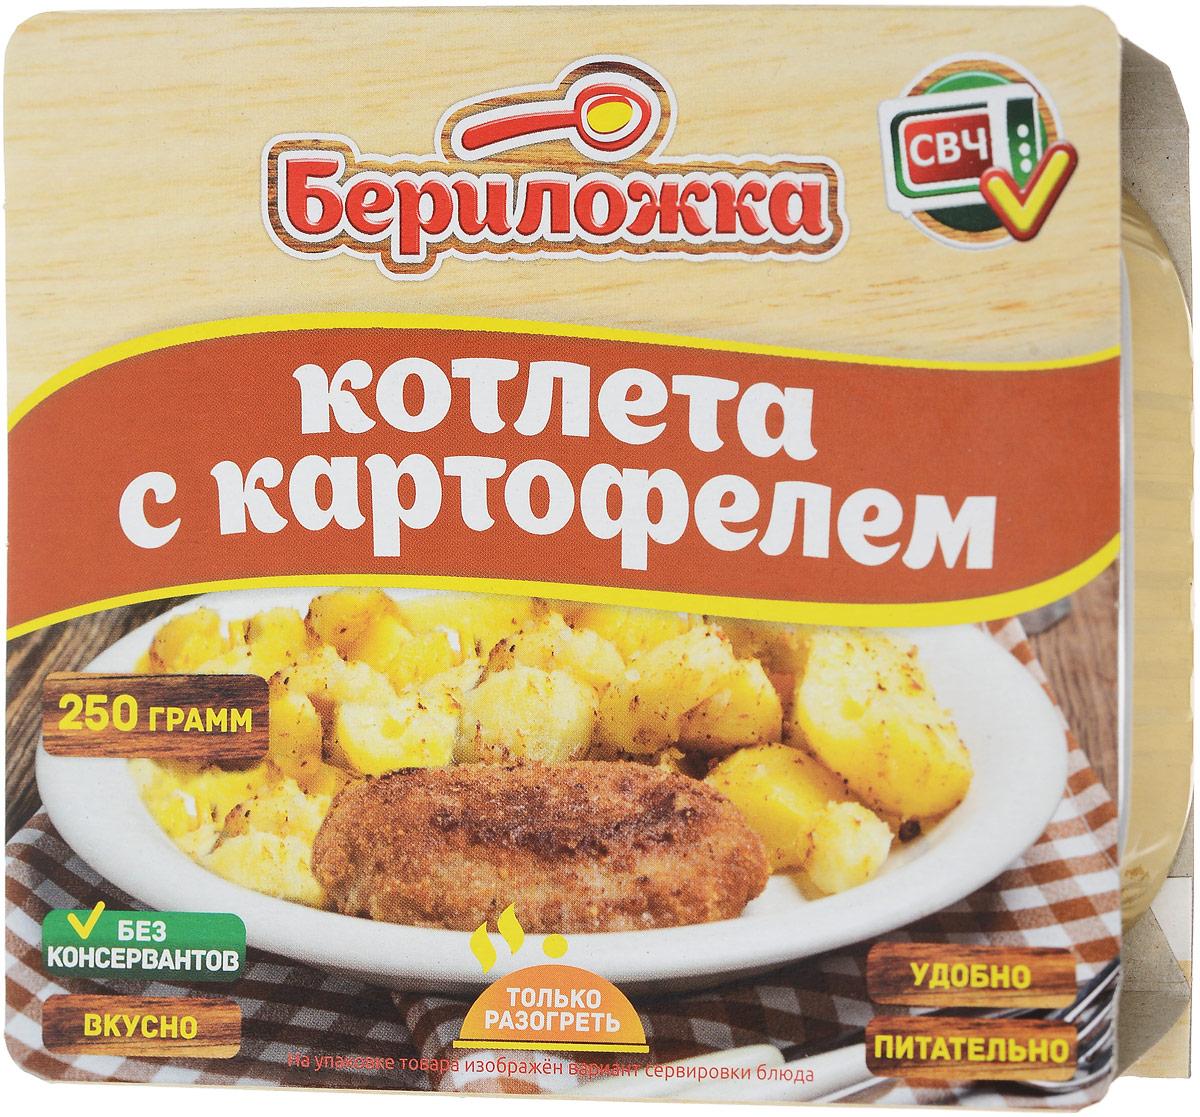 Бериложка котлета с картофелем, 250 г бериложка биточки в грибном соусе 250 г